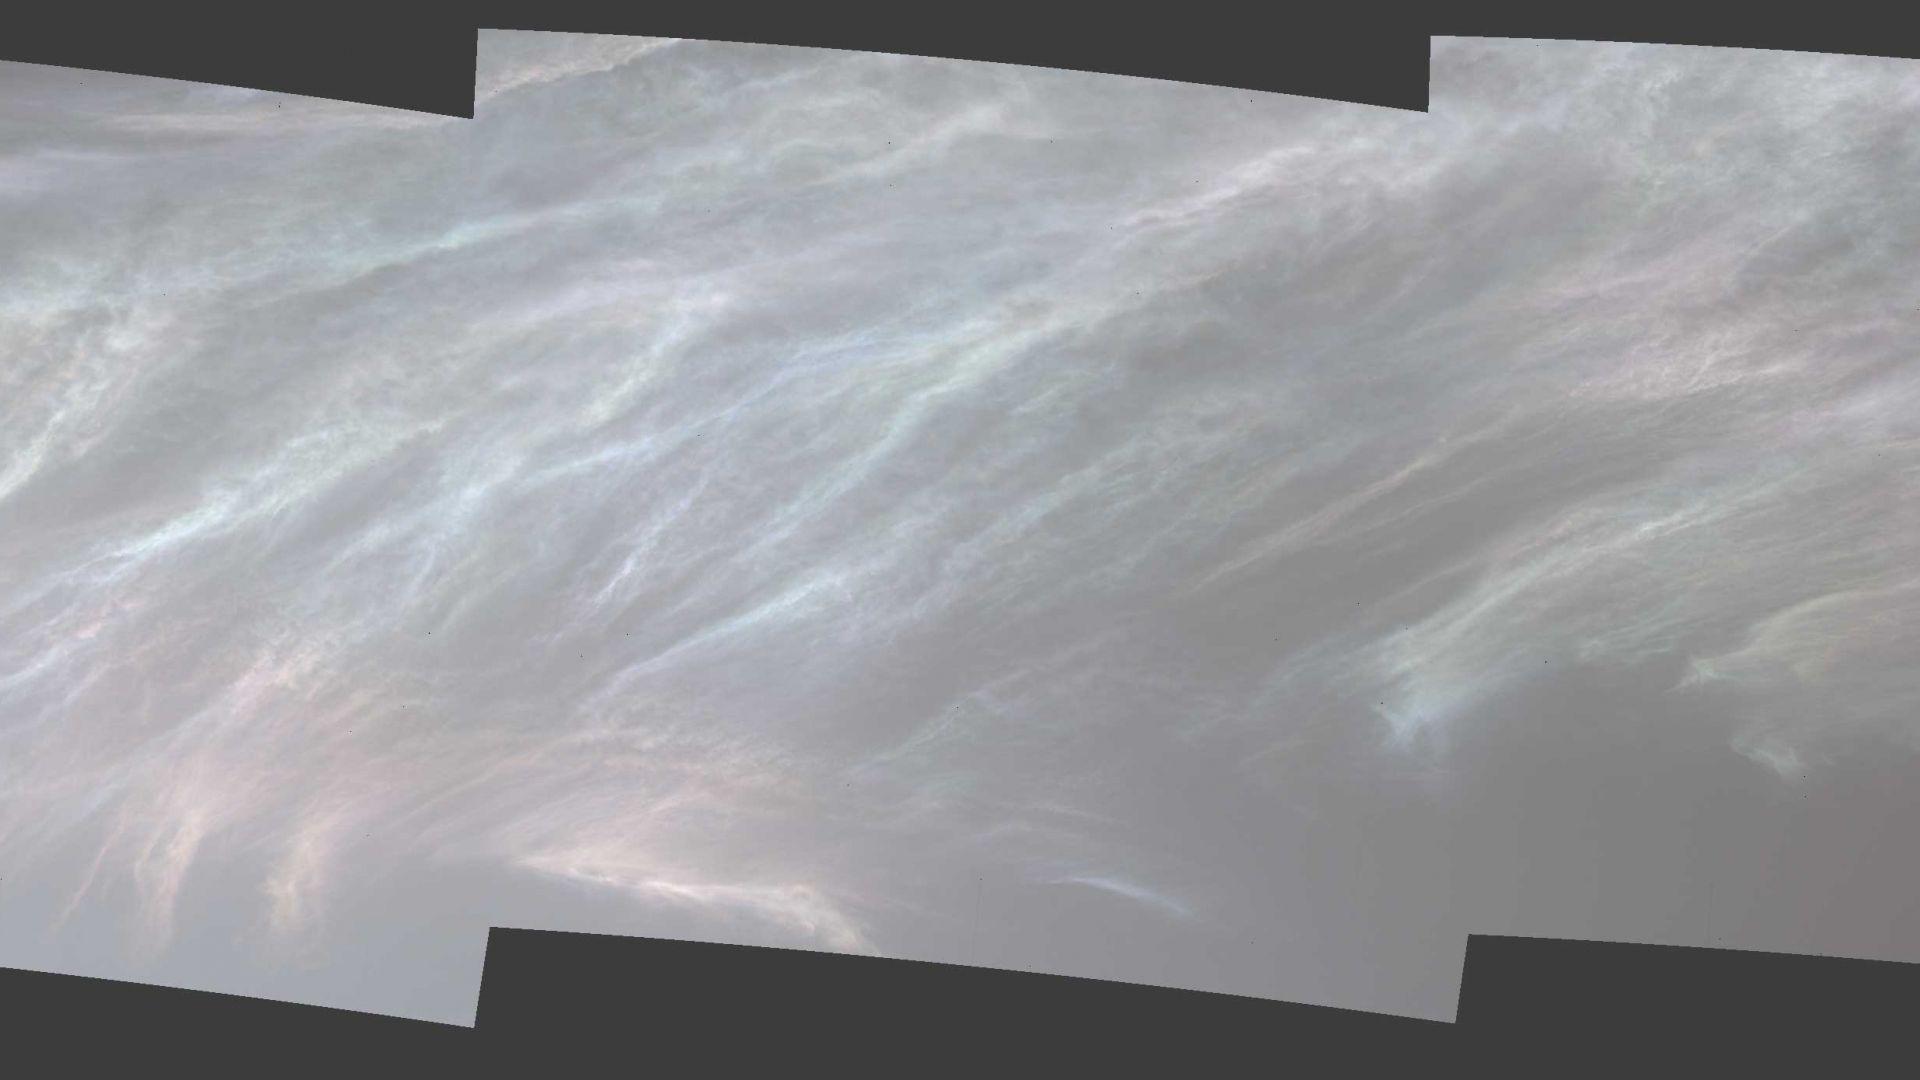 Заснеха иридисцентни облаци на Марс